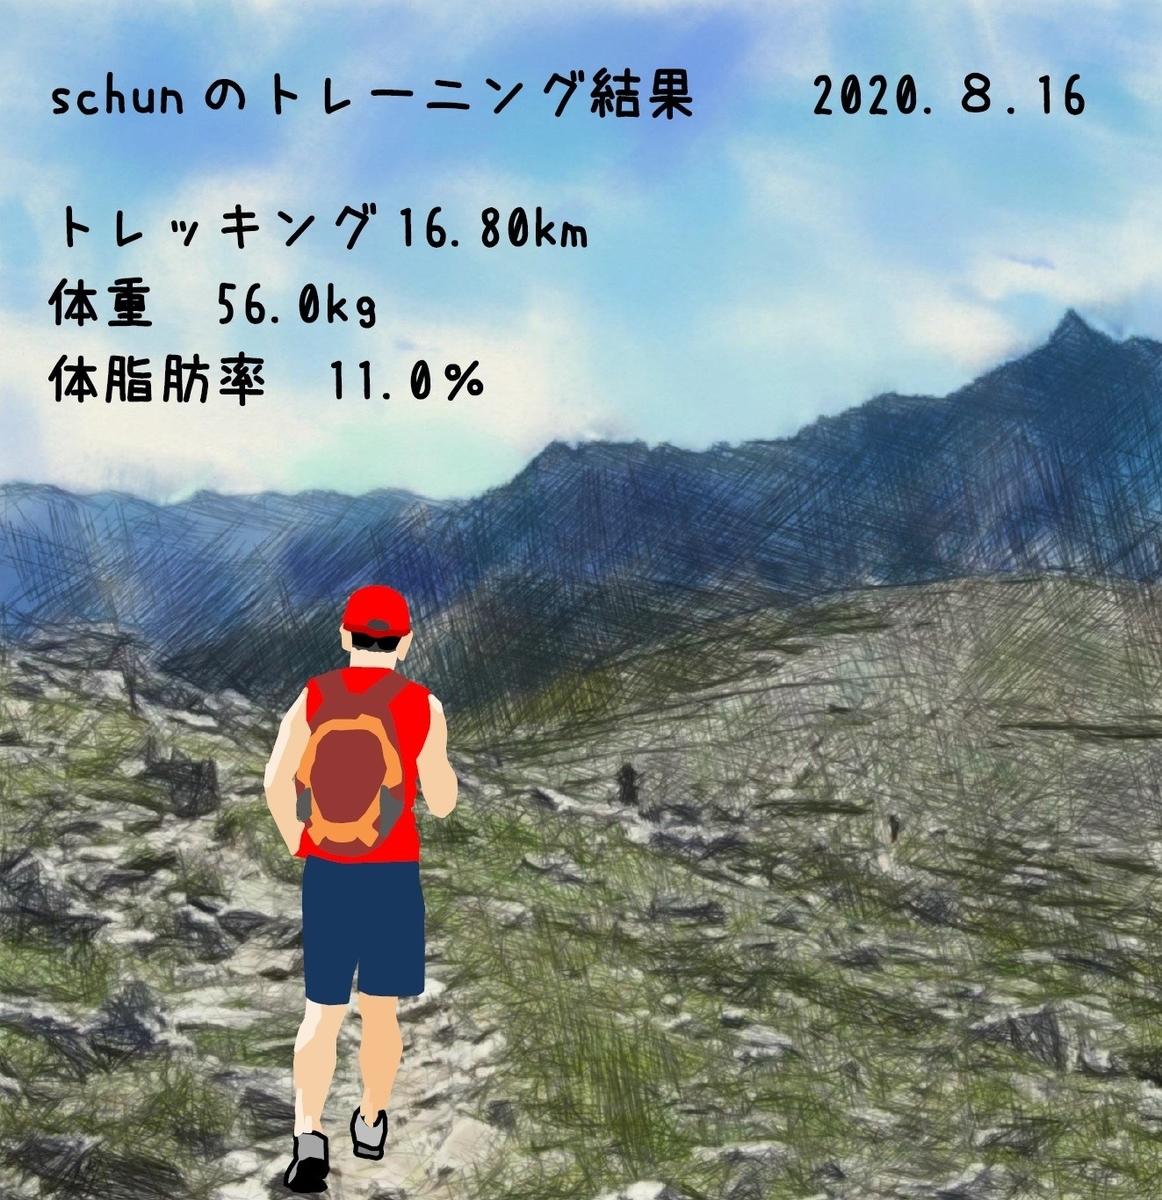 f:id:schunchi2007:20200816175613j:plain